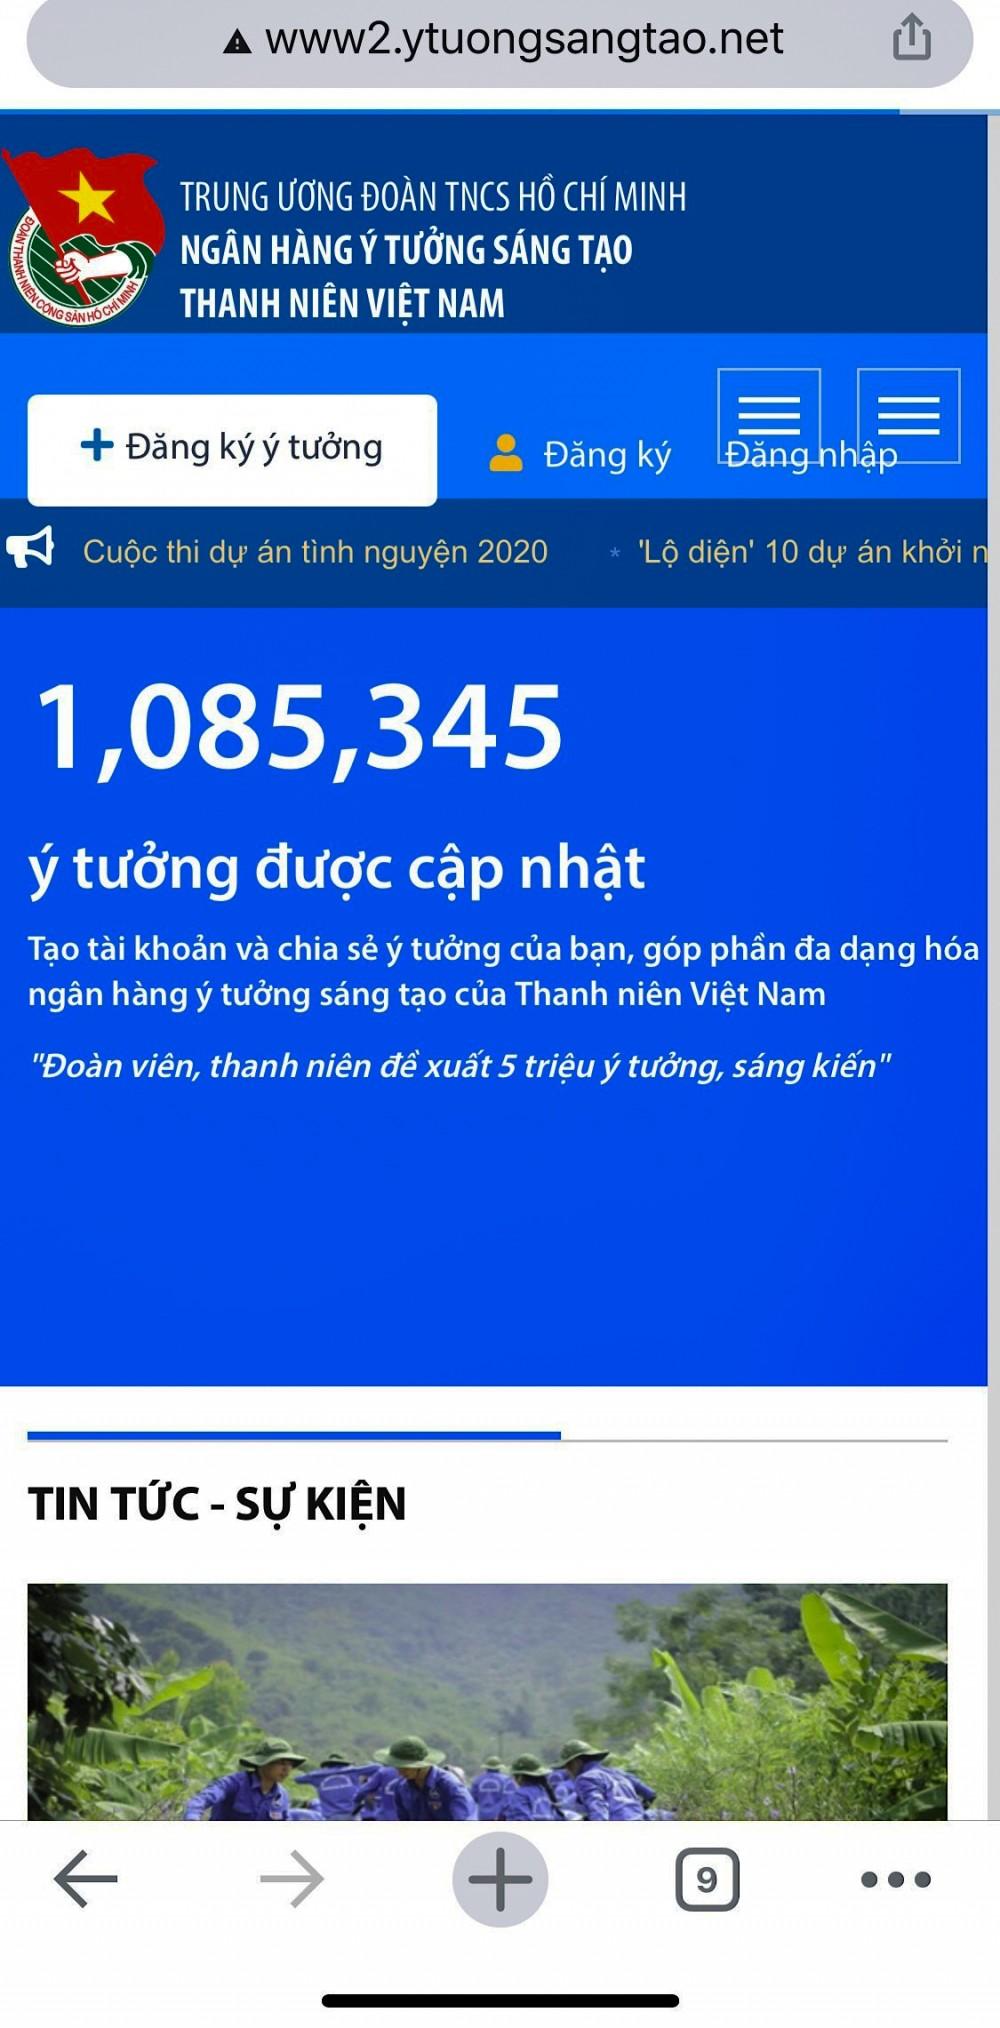 Cổng thông tin Ngân hàng ý tưởng sáng tạo thanh niên Việt Nam, có dữ liệu hơn 1,08 triệu sáng kiến, ý tưởng, trong đó số lượng đáng kể là các lĩnh vực về cải cách hành chính.